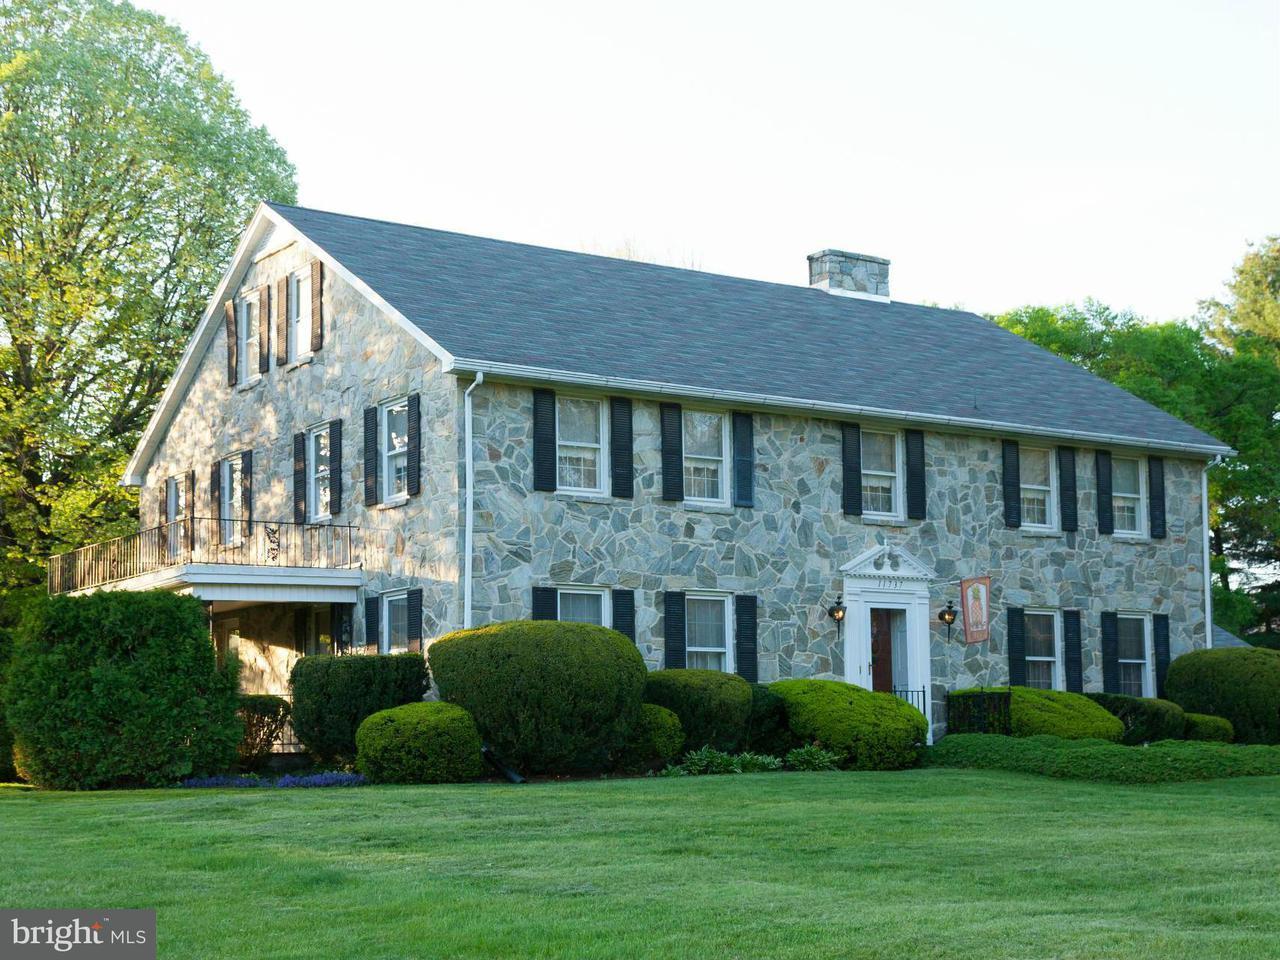 Частный односемейный дом для того Продажа на 11737 COUNTRY CLUB Road 11737 COUNTRY CLUB Road Waynesboro, Пенсильвания 17268 Соединенные Штаты